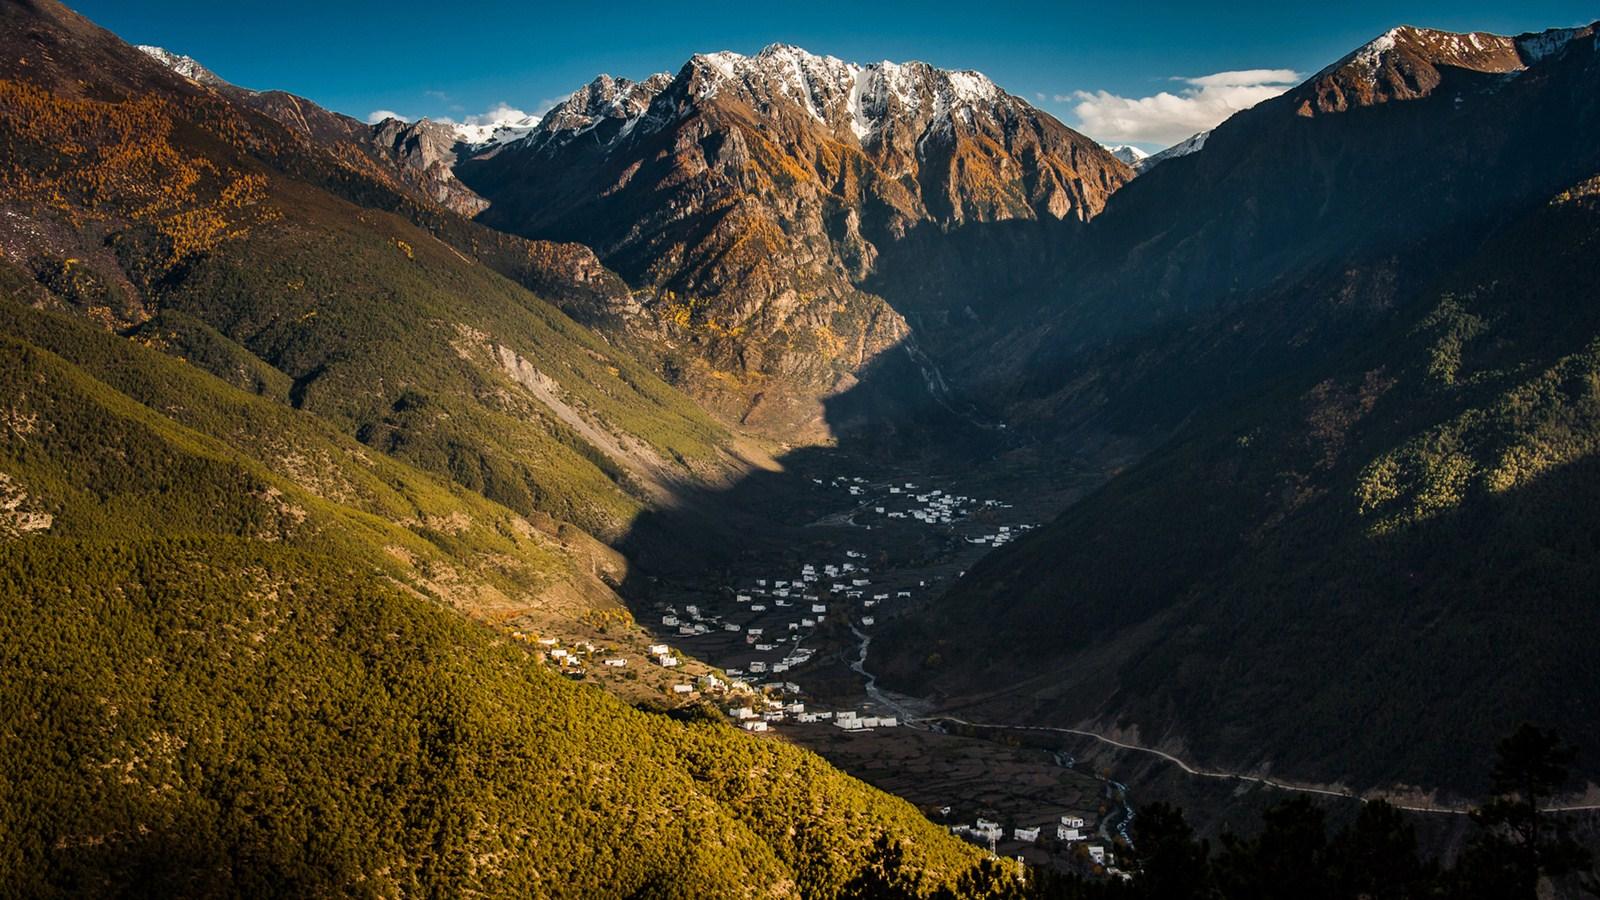 高清壁纸西藏湖边风景